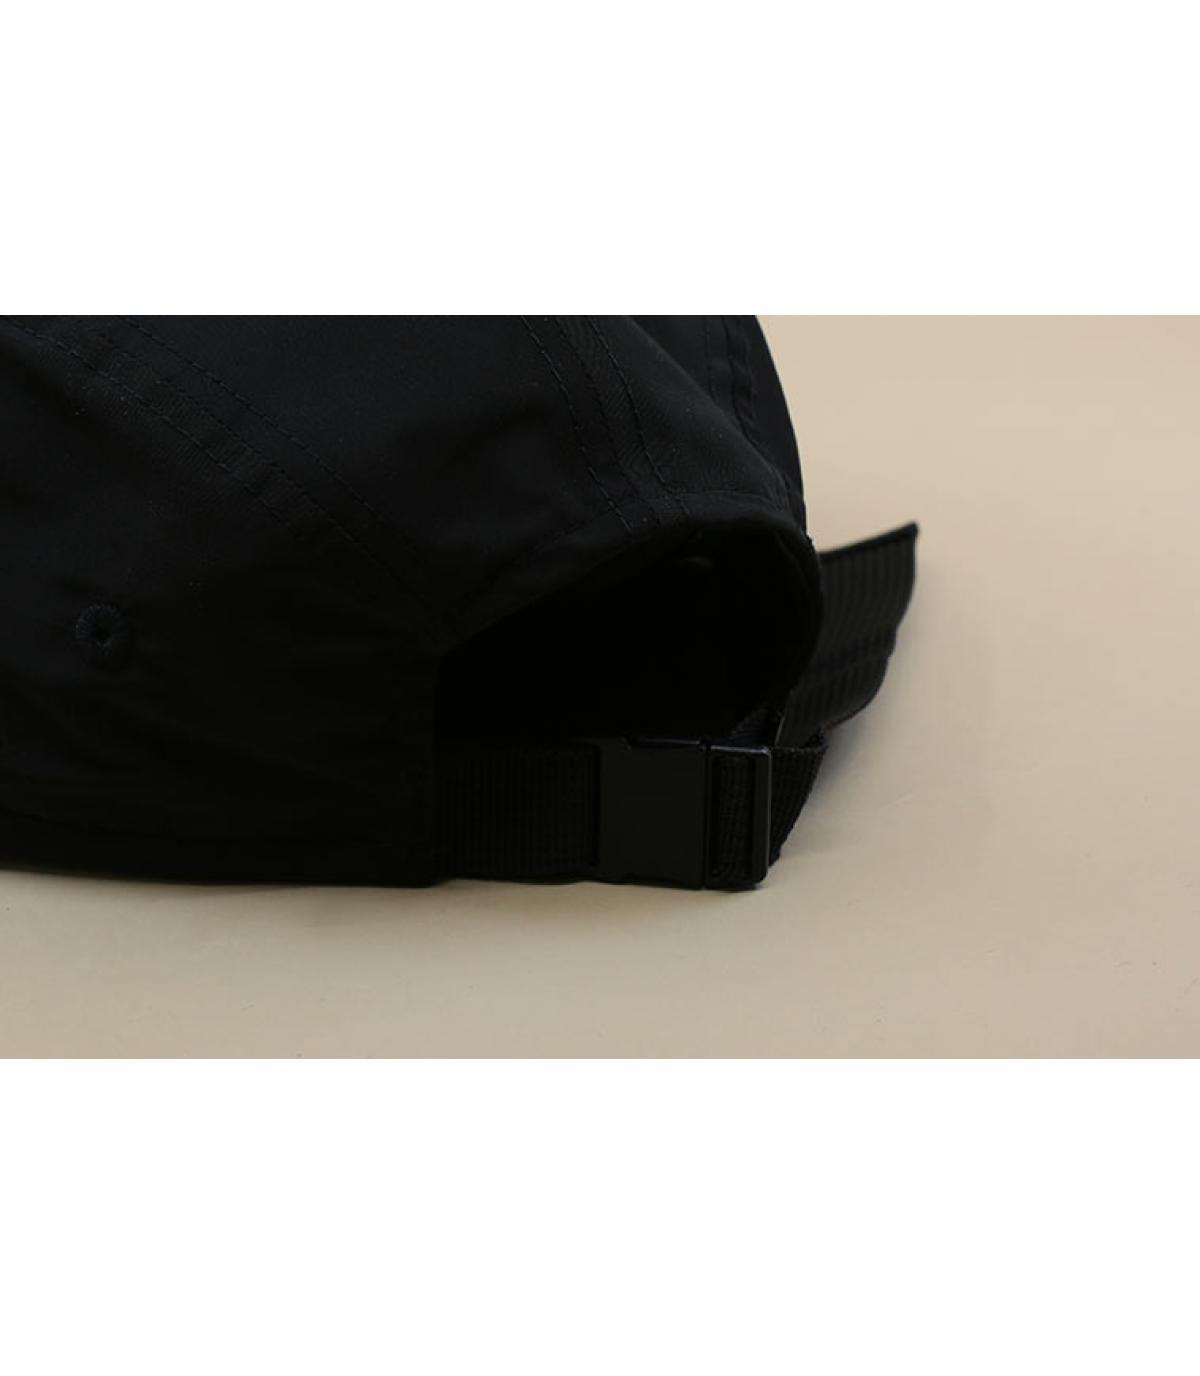 Détails Casquette Shiny pack Camper black - image 5